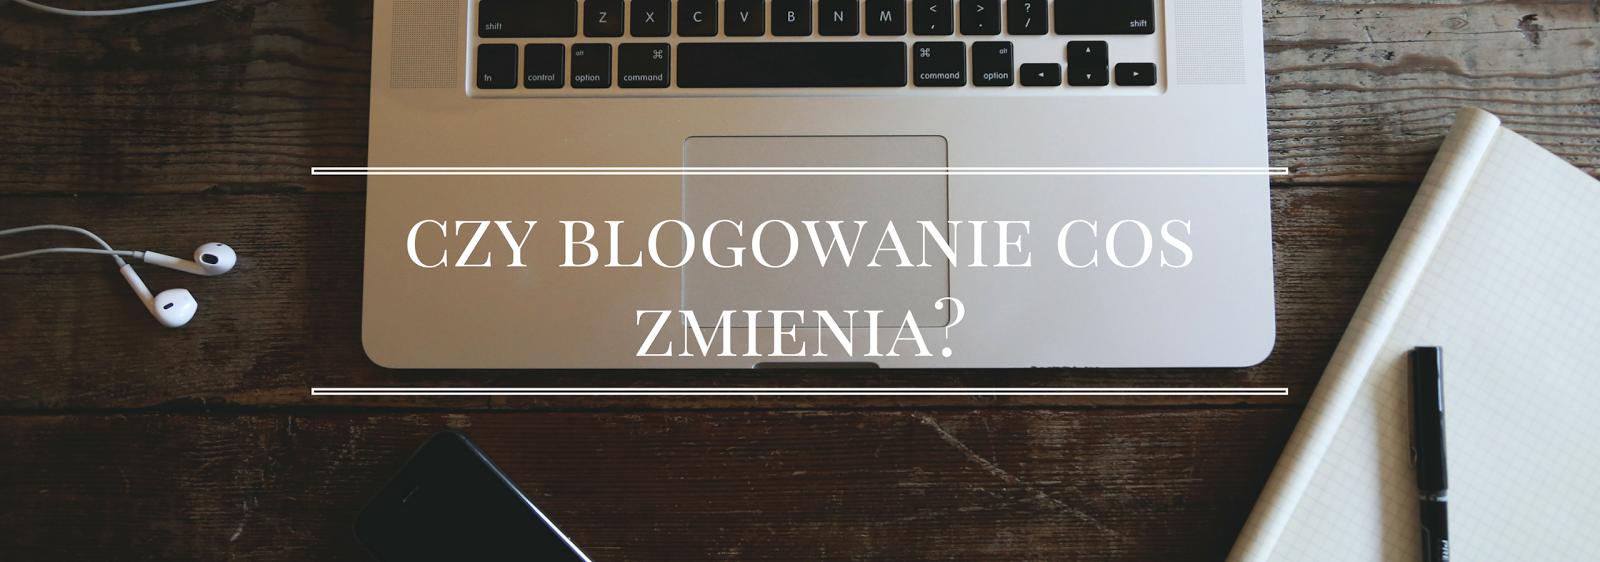 Czy założenie bloga coś zmienia?